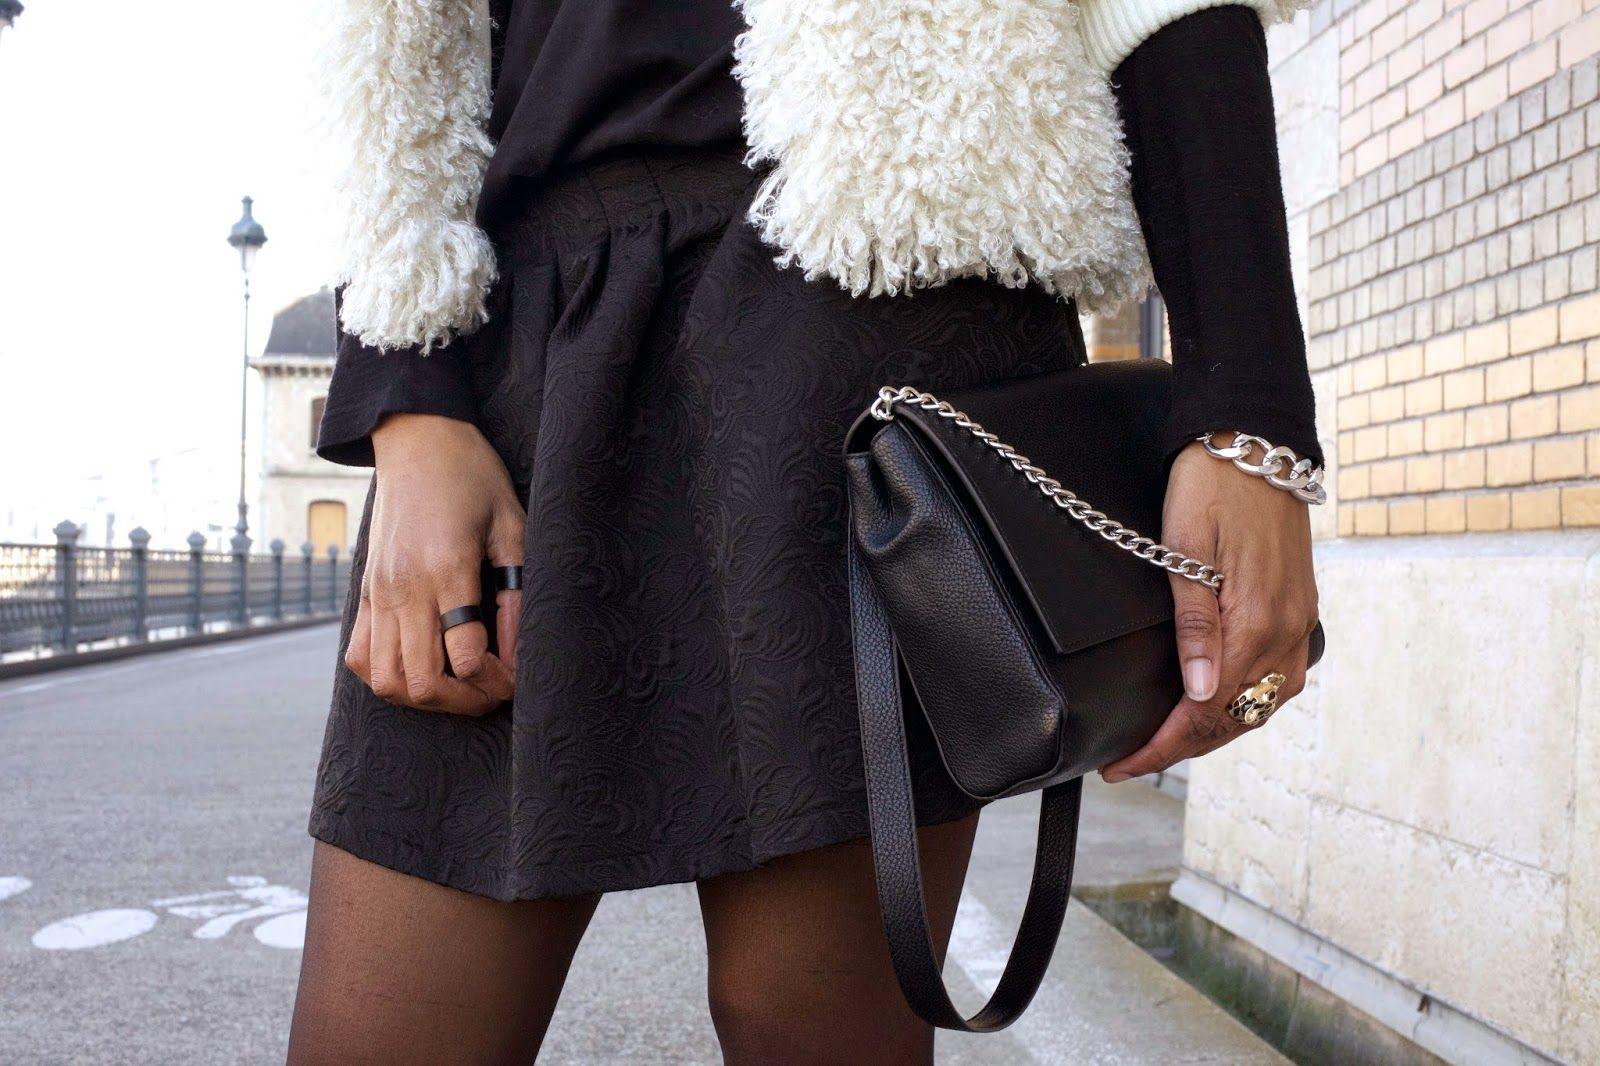 Mlle Chanaëlle nous présente son look poupée #defshop #bag #vila #only #top #mode #fashion #blog